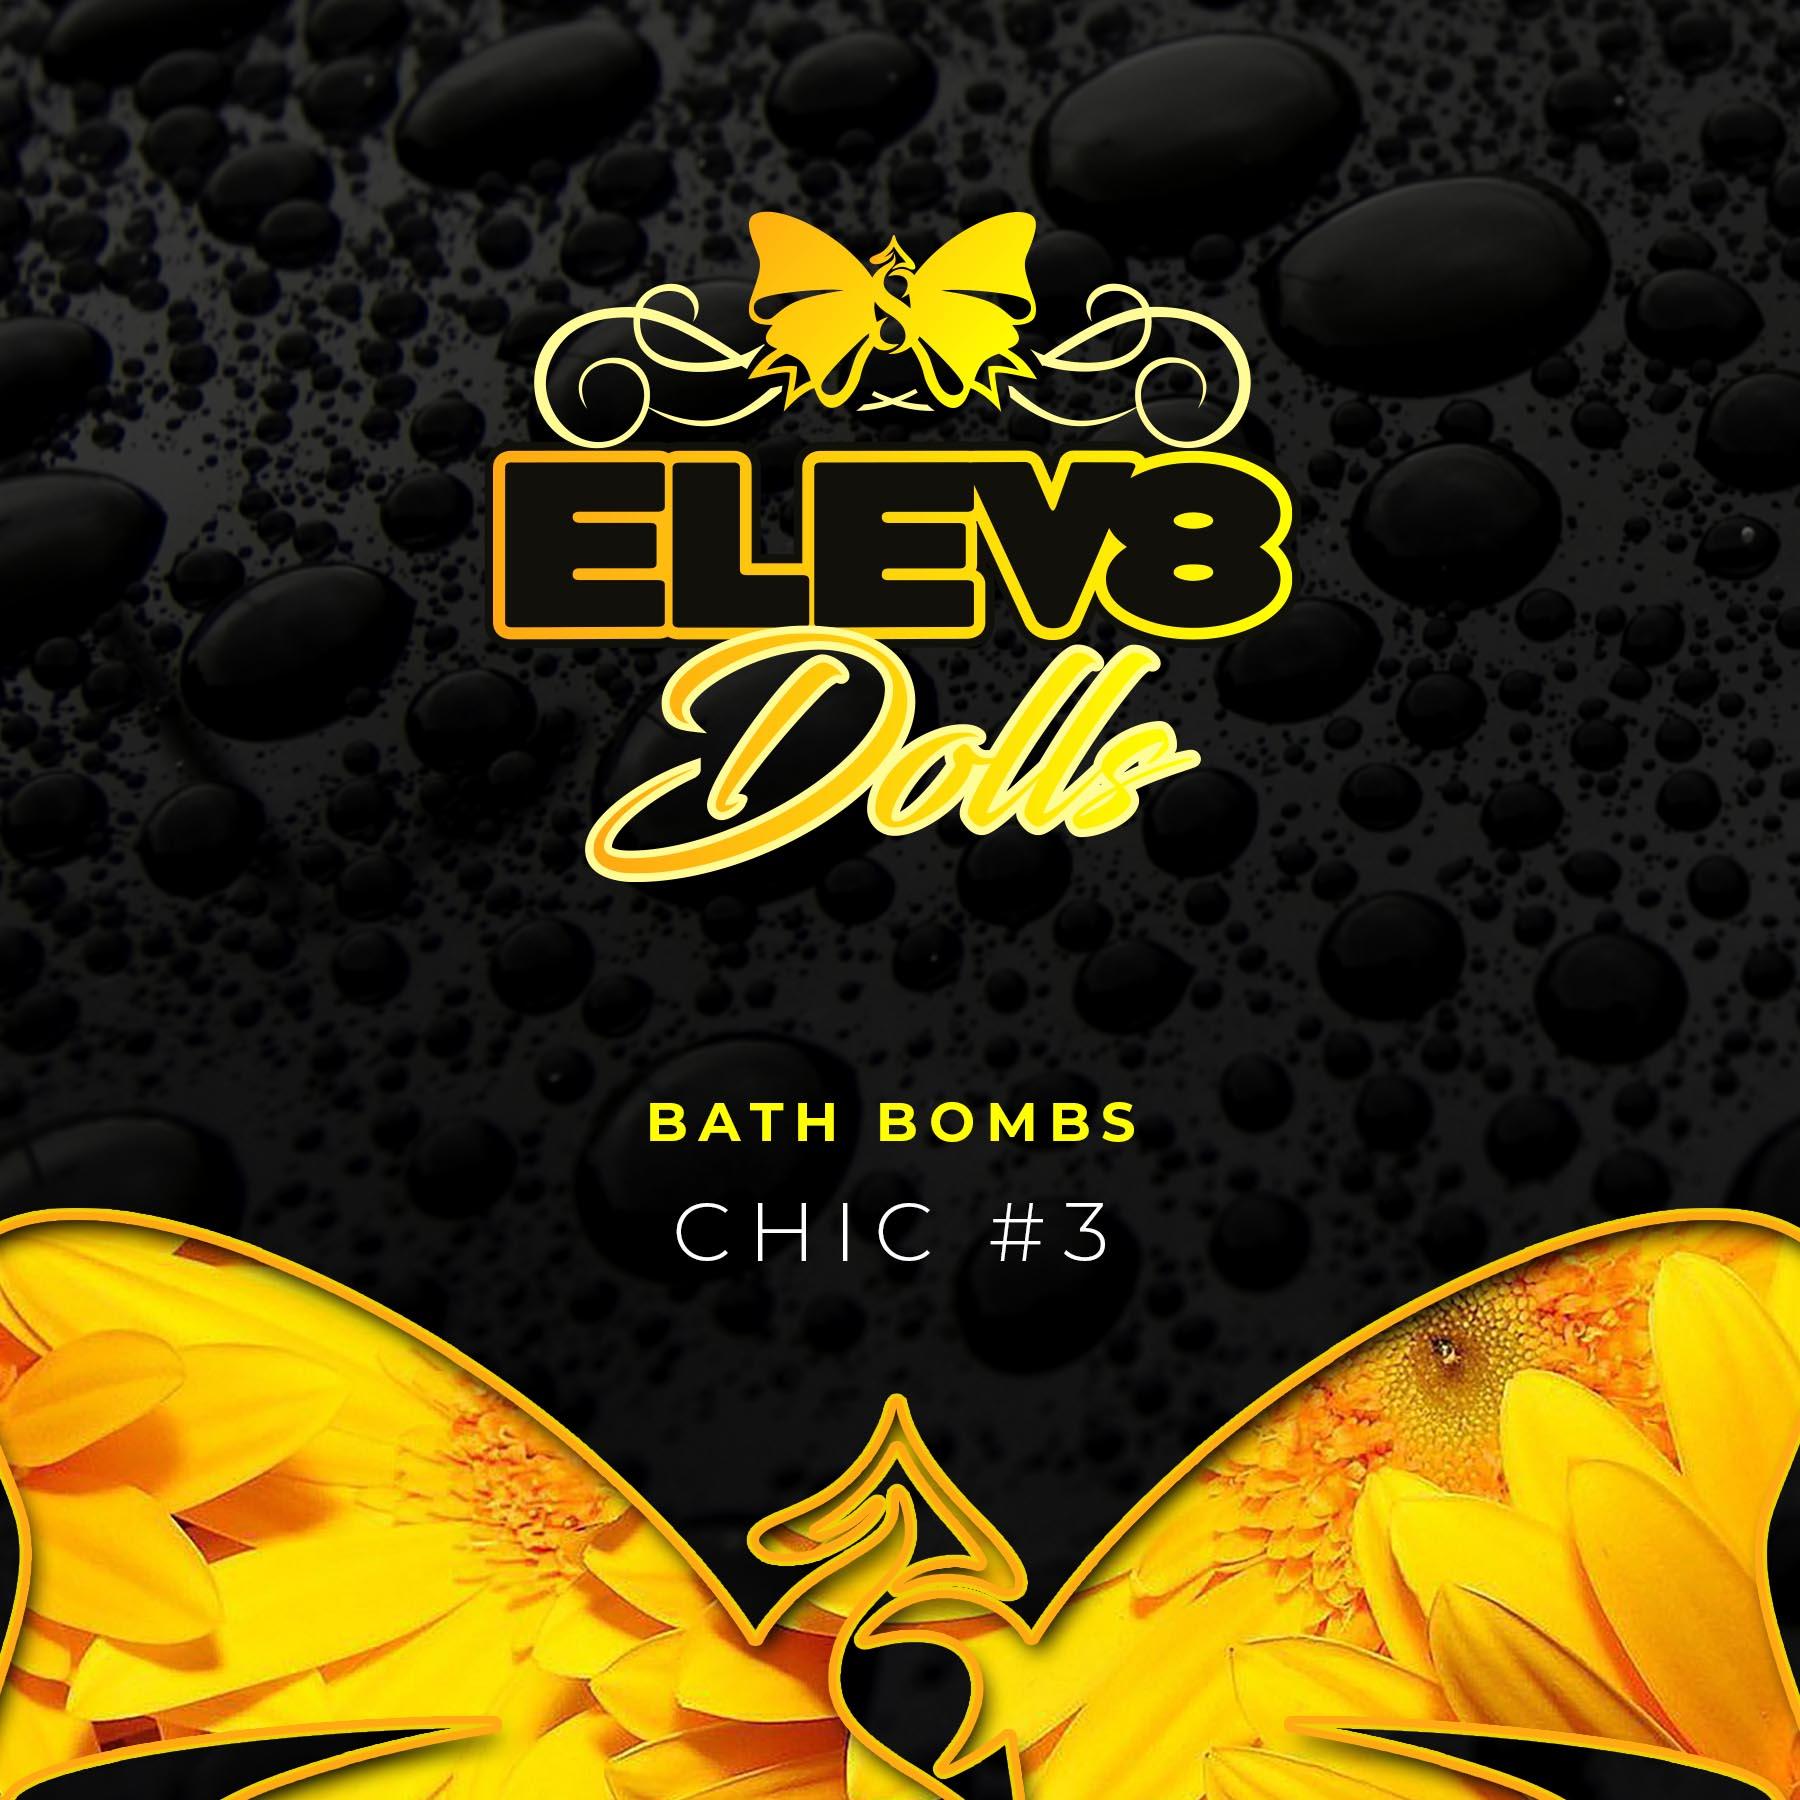 chic-3-elev8-doll-bath-bomb.jpg